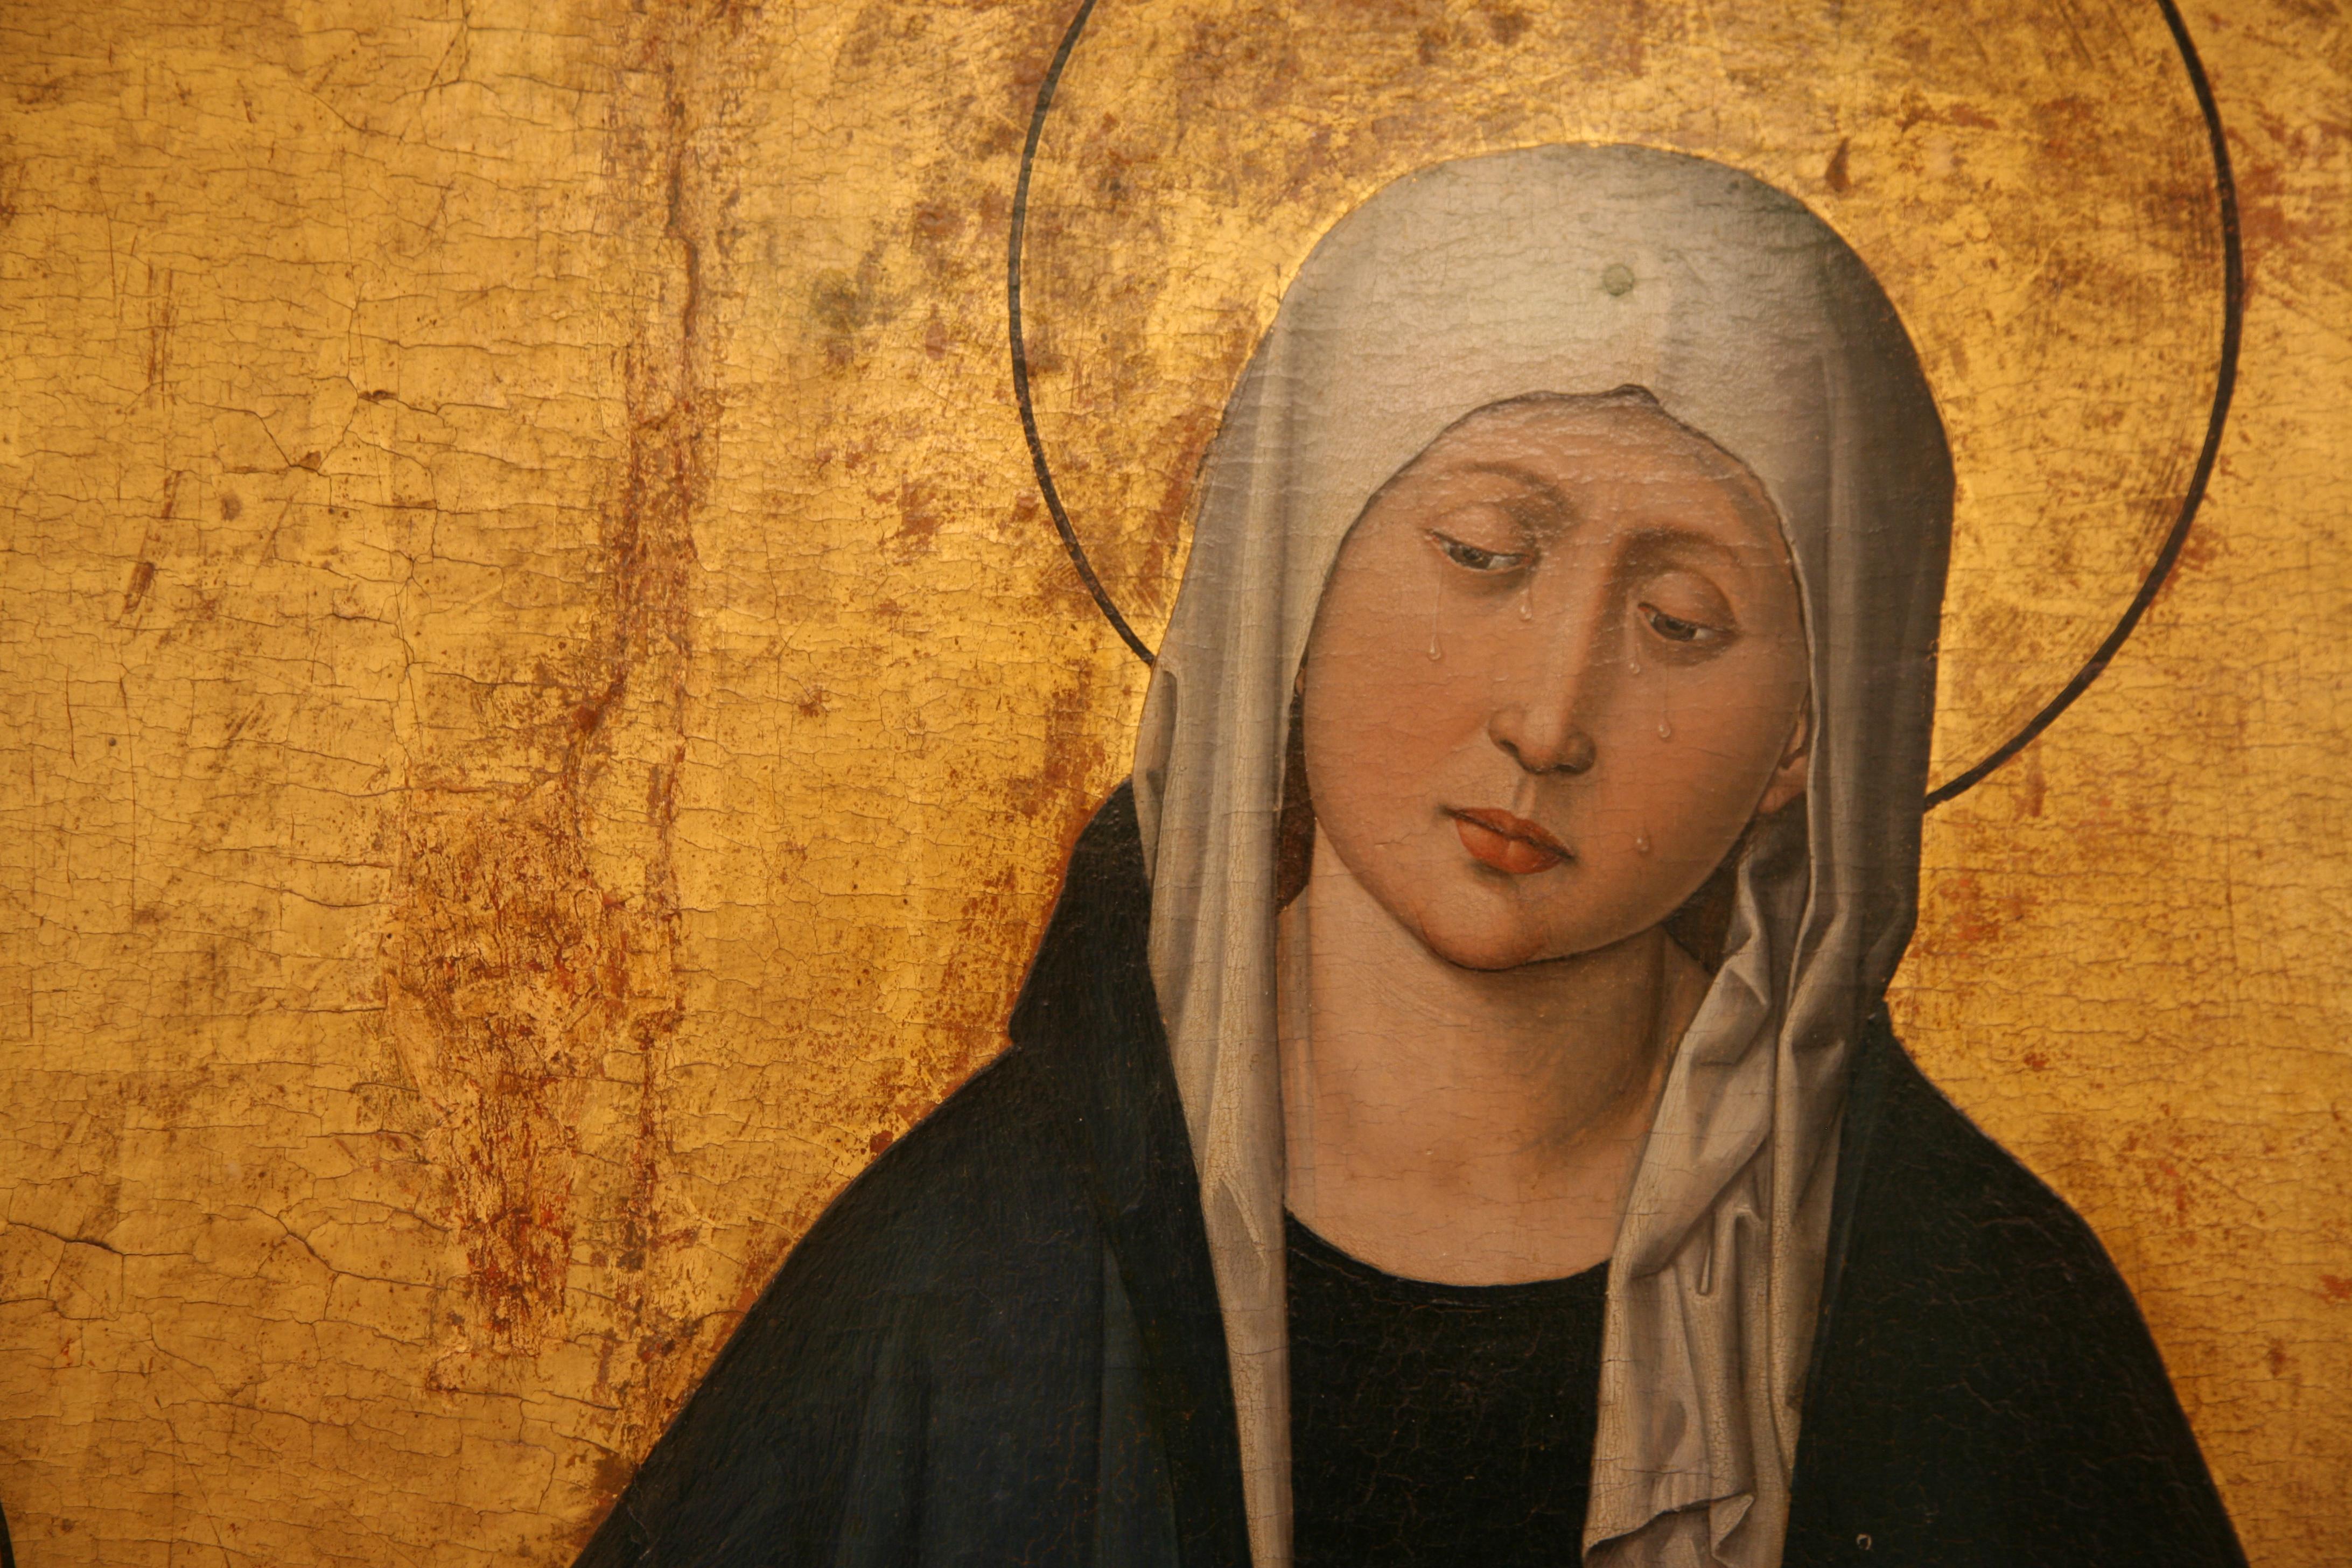 Maitre De L Oeuvre file:descente de croix du retable stauffenberg ( détail